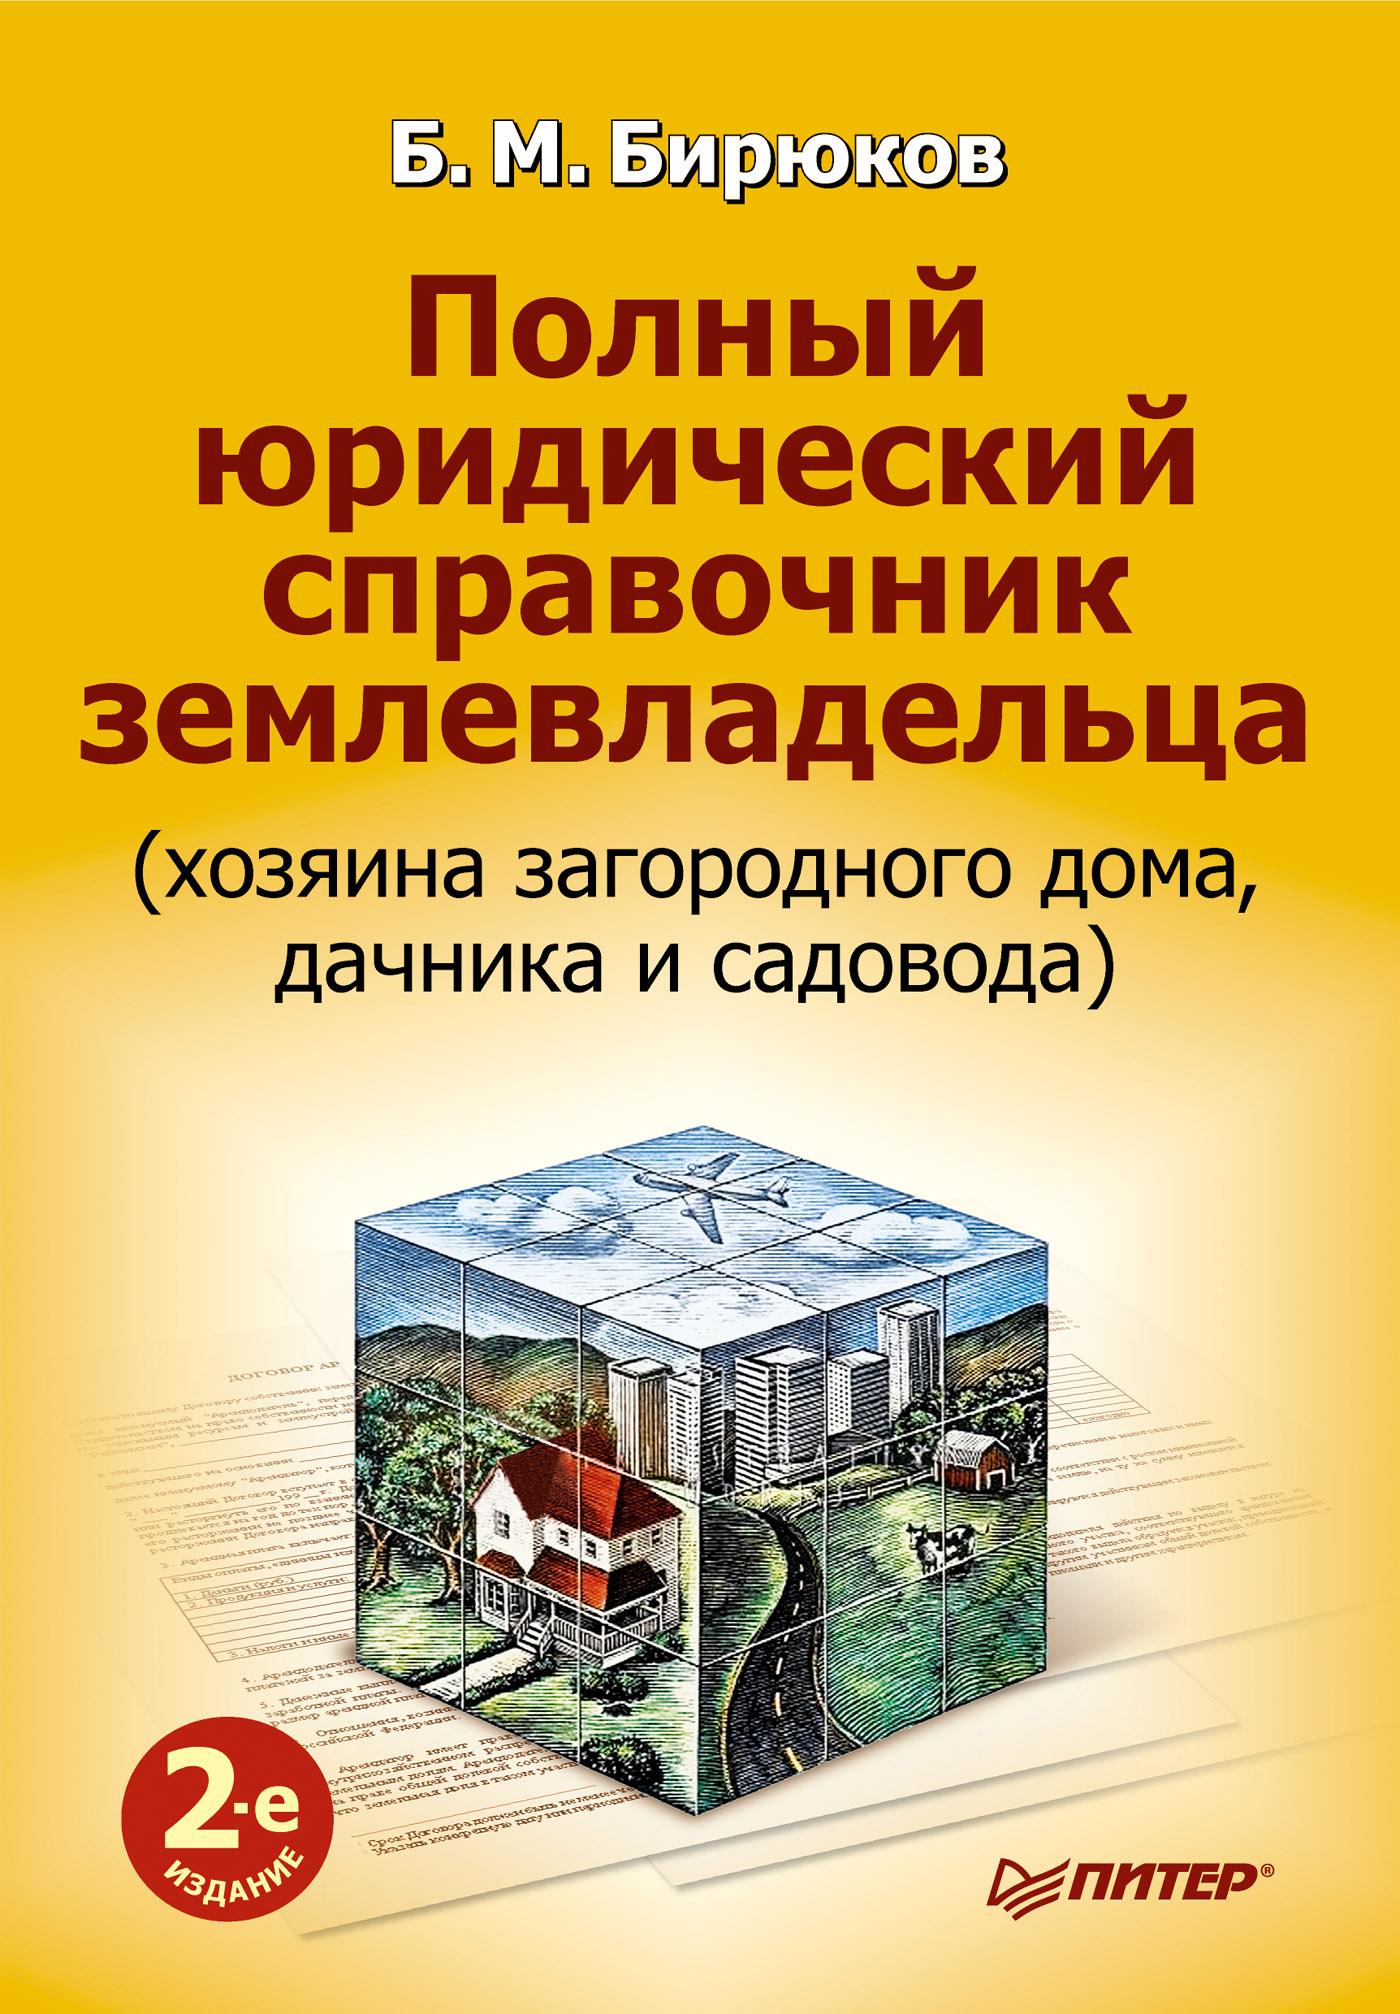 Полный юридический справочник землевладельца (хозяина загородного дома, дачника и садовода)